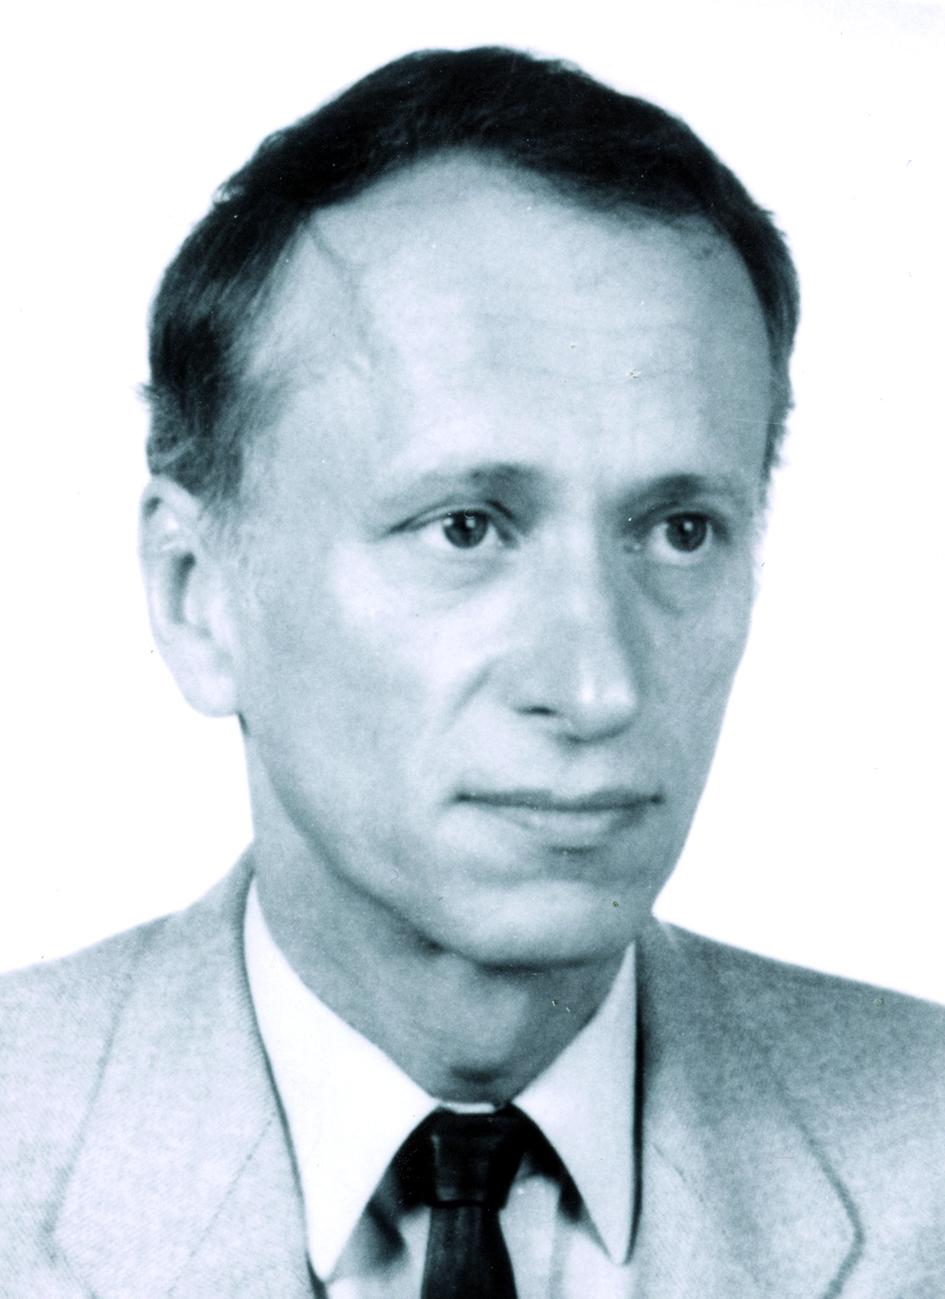 Portraitfoto von Herrn Manfred Paul Hentschel.